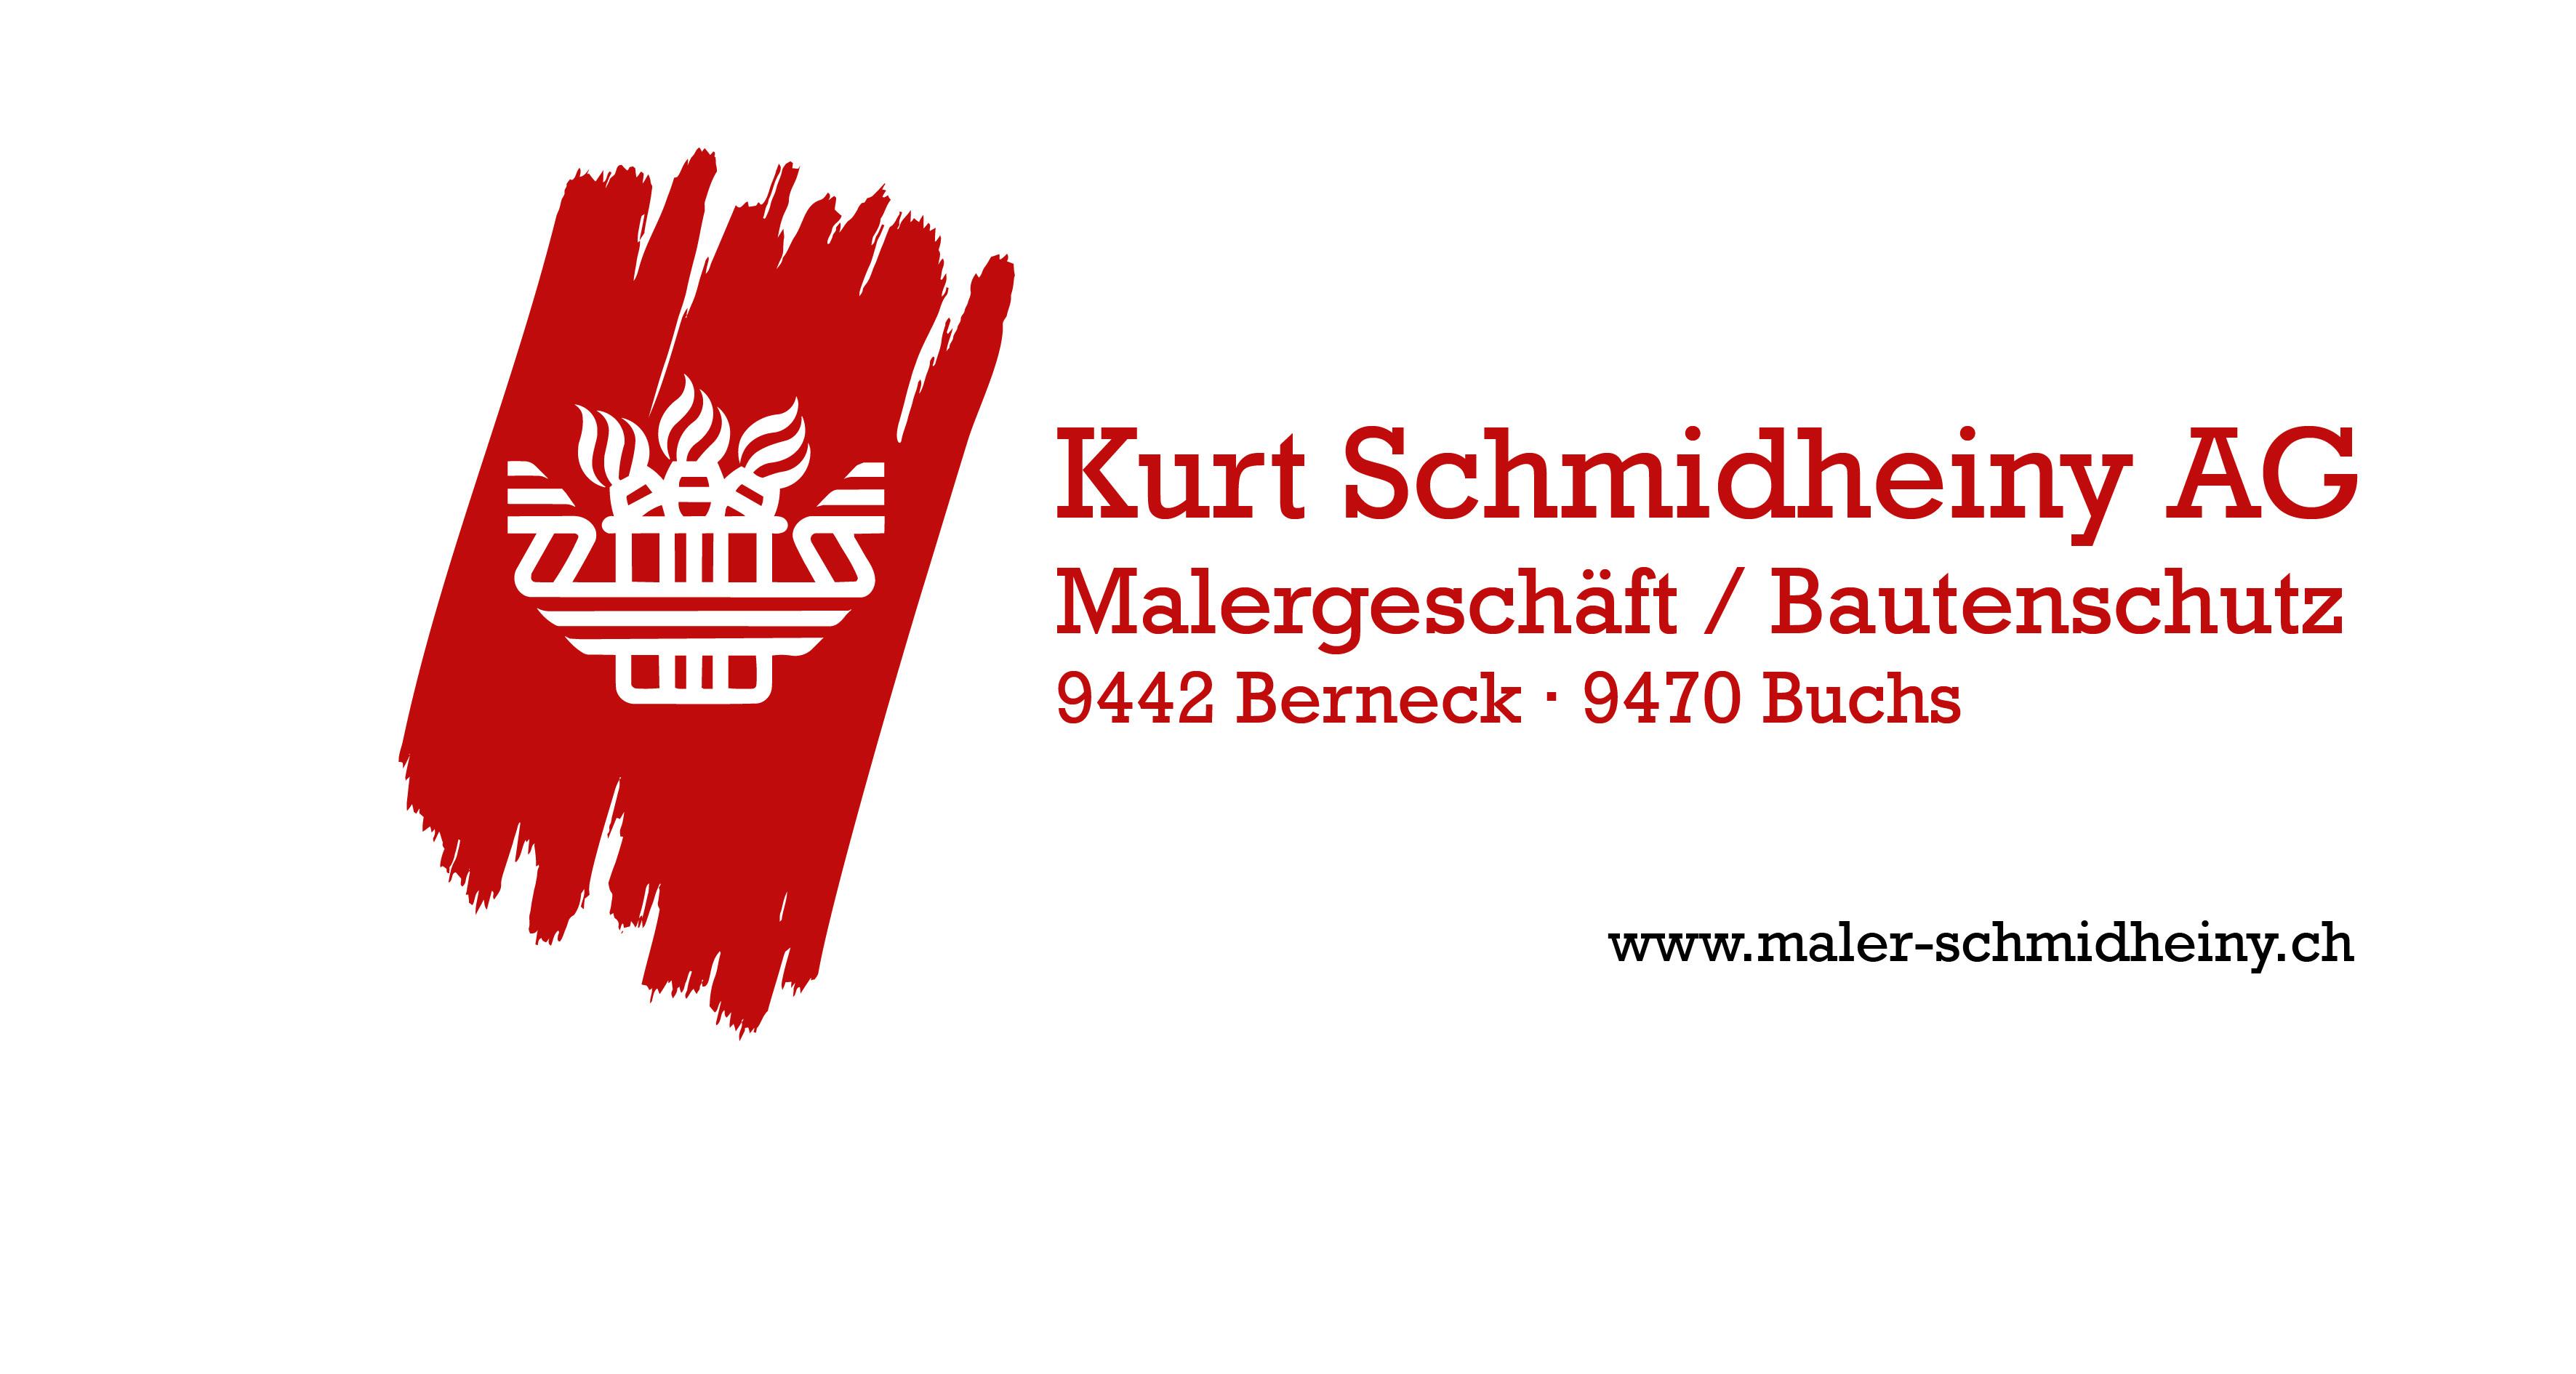 Kurt Schmidheiny AG